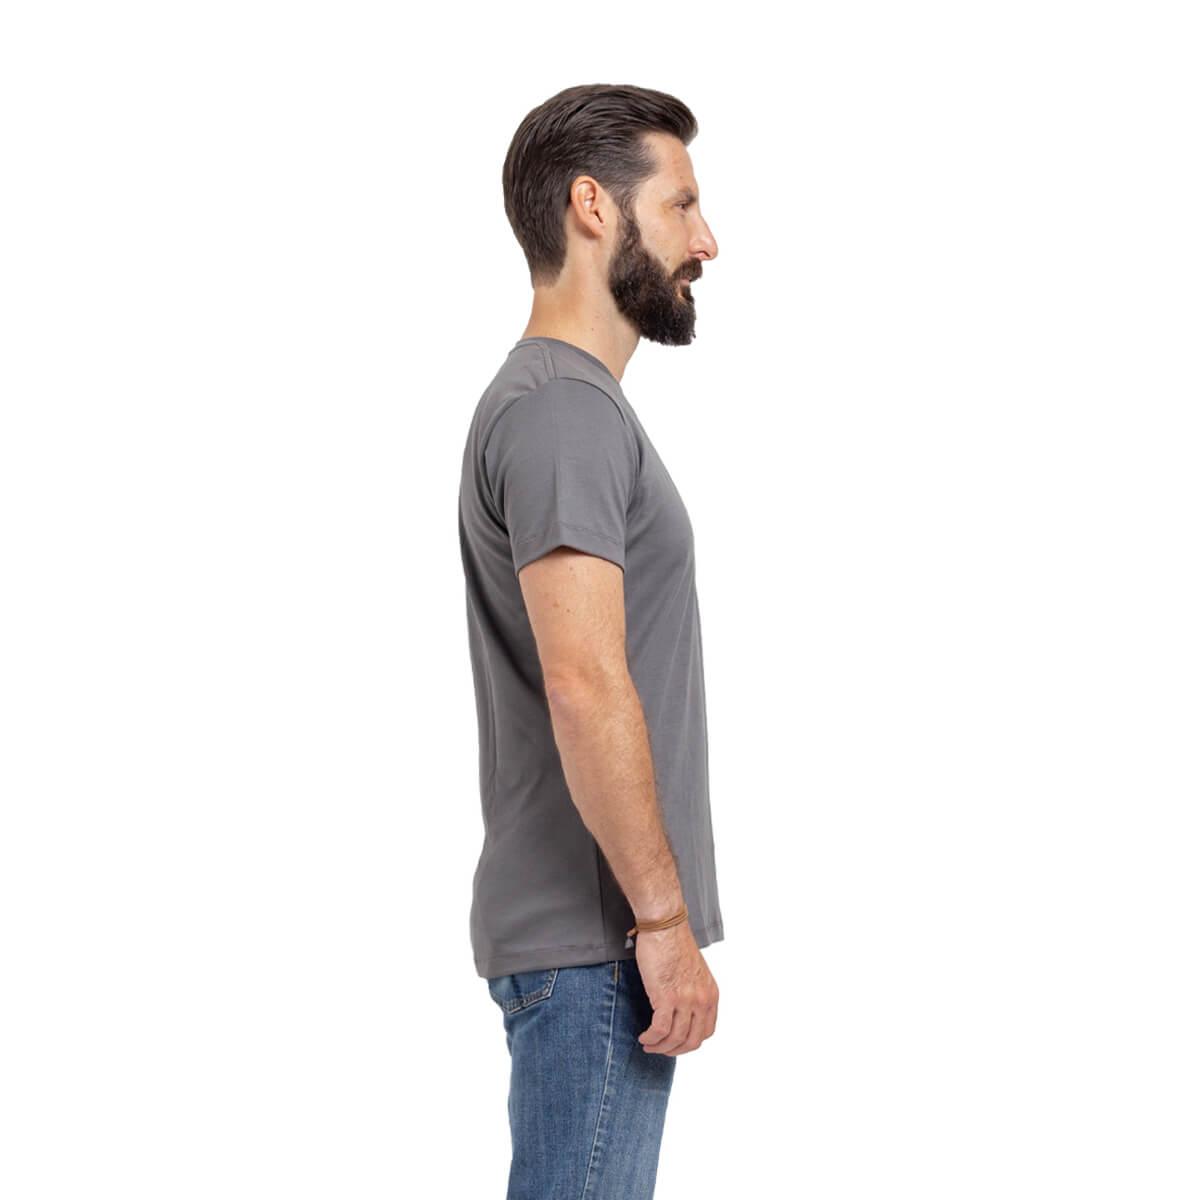 Franela esencial cuello redondo gris hombre lado